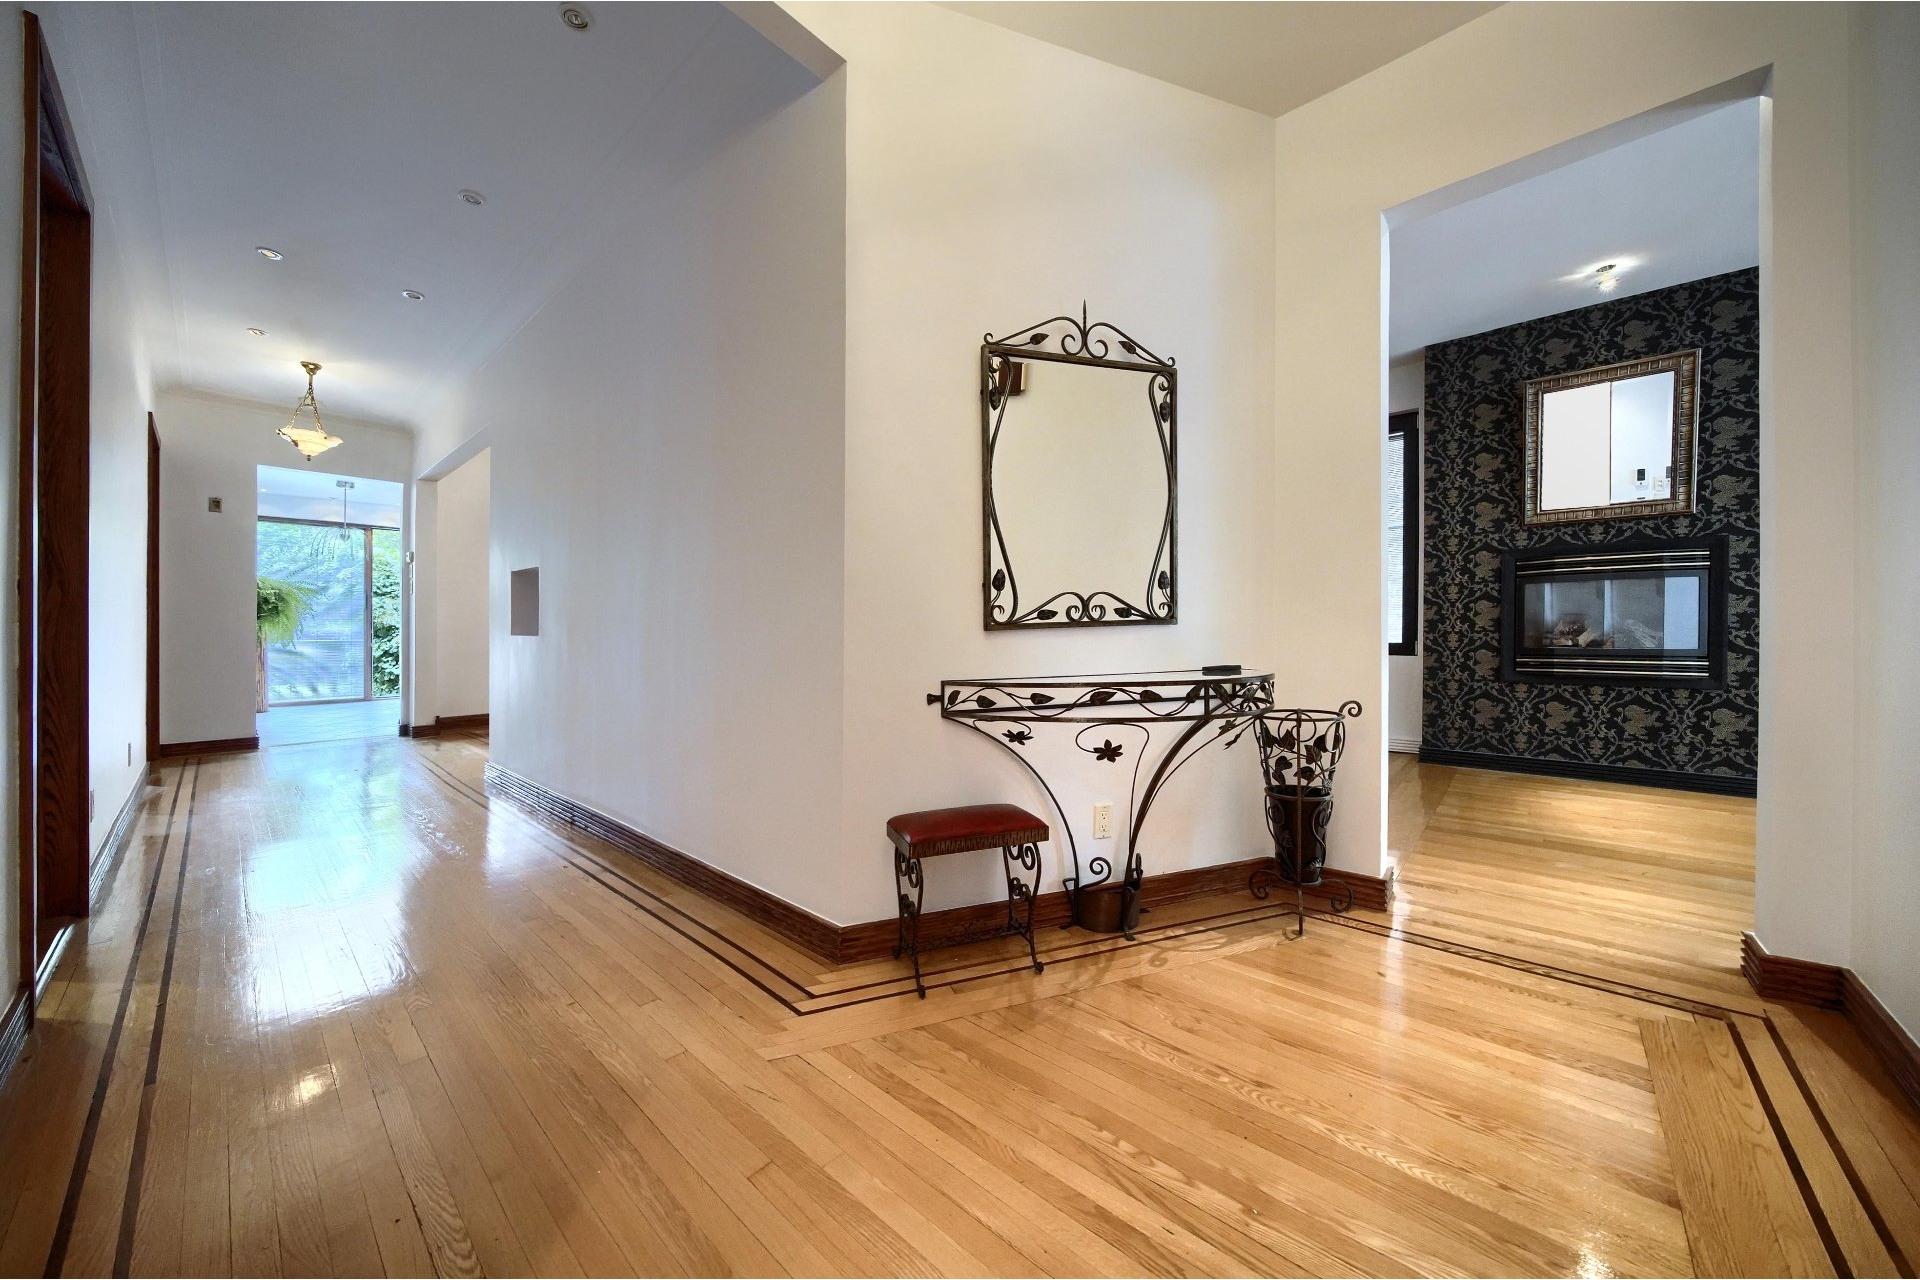 image 25 - Apartment For rent Ville-Marie Montréal  - 10 rooms